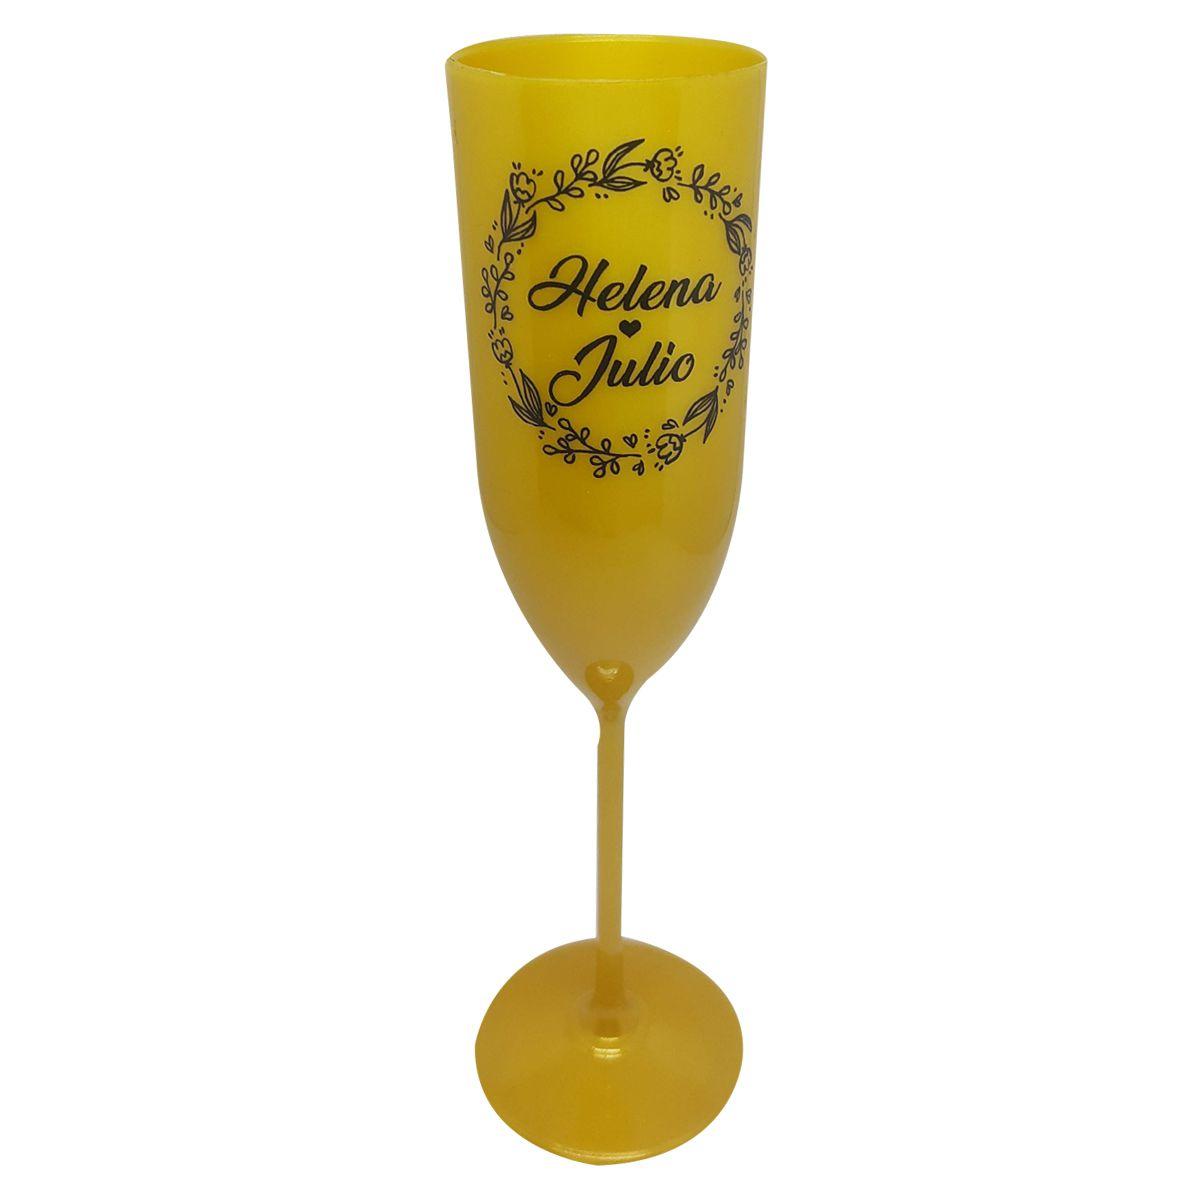 10x Taça de Champagne -Cores Claras e Estampa Preta - Pacote com 10 unidades